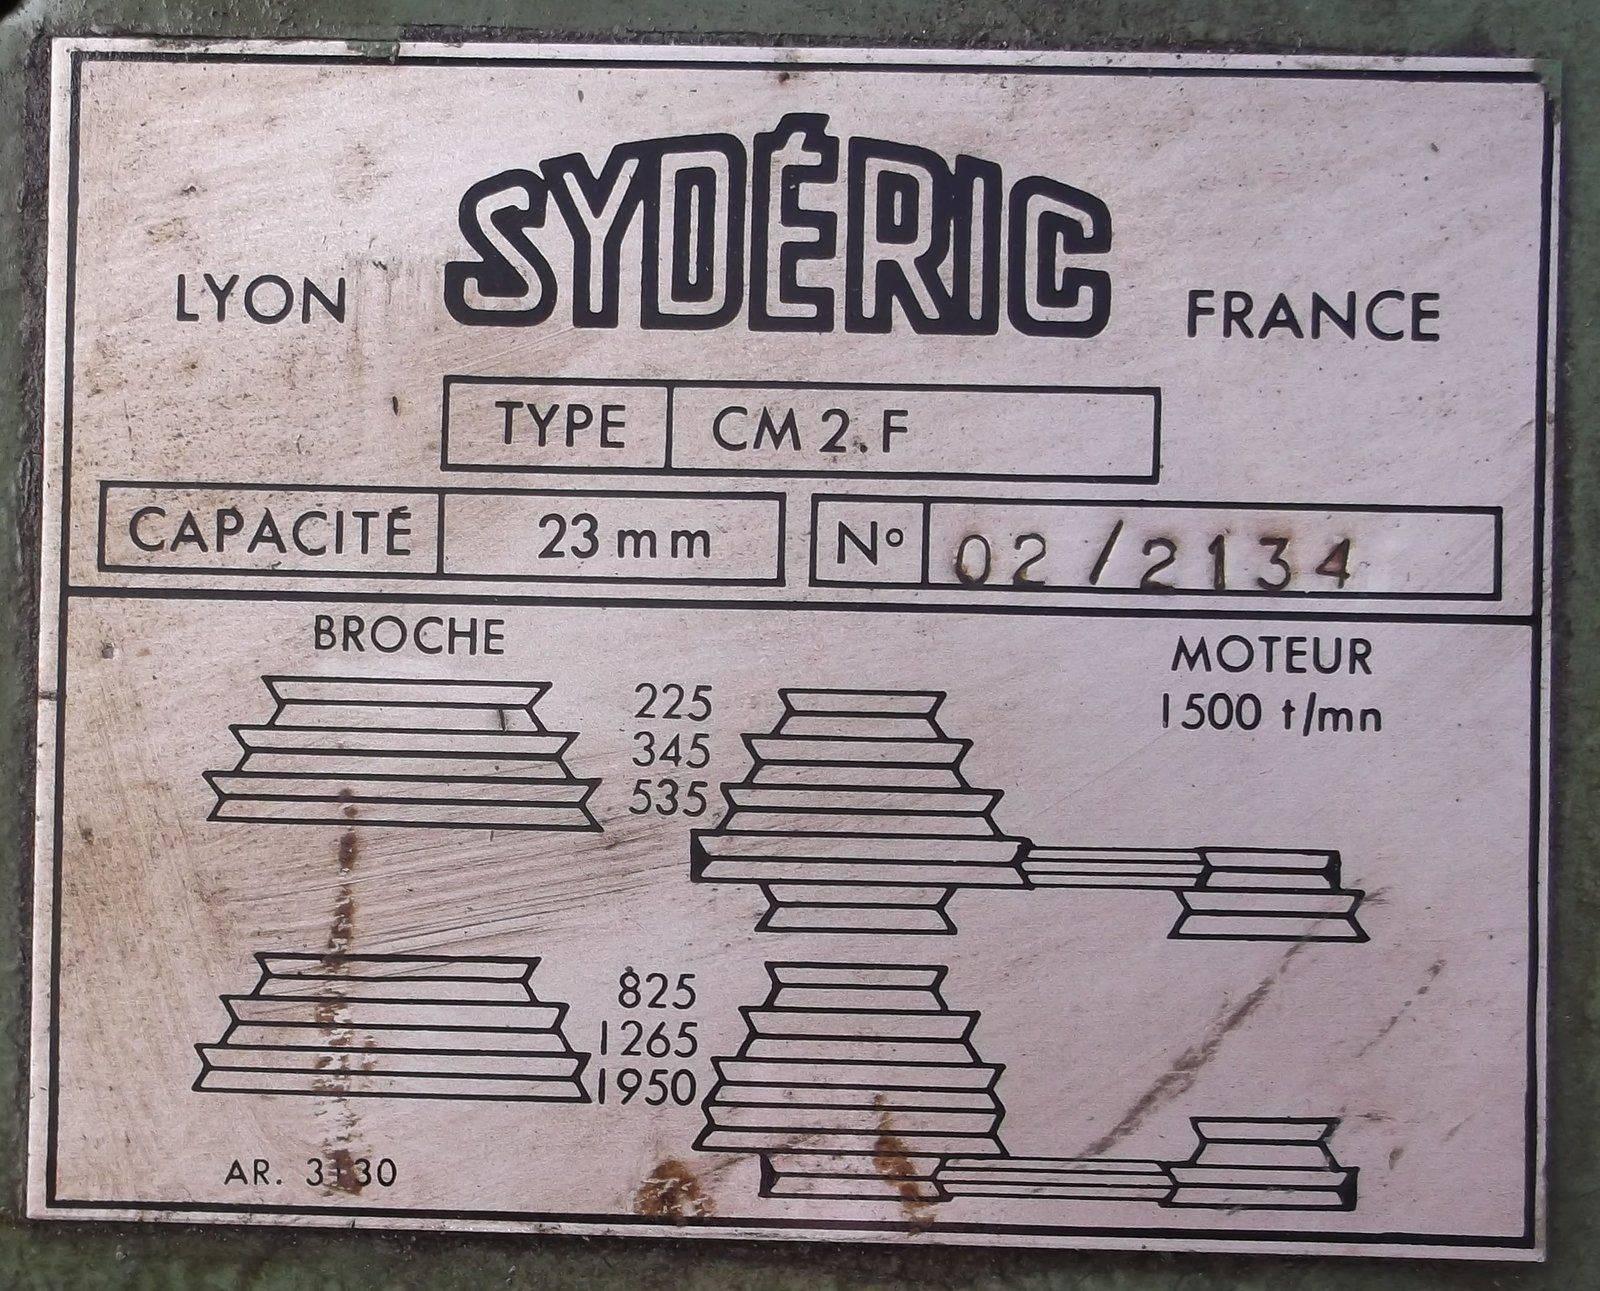 SYDERIC 2.jpg